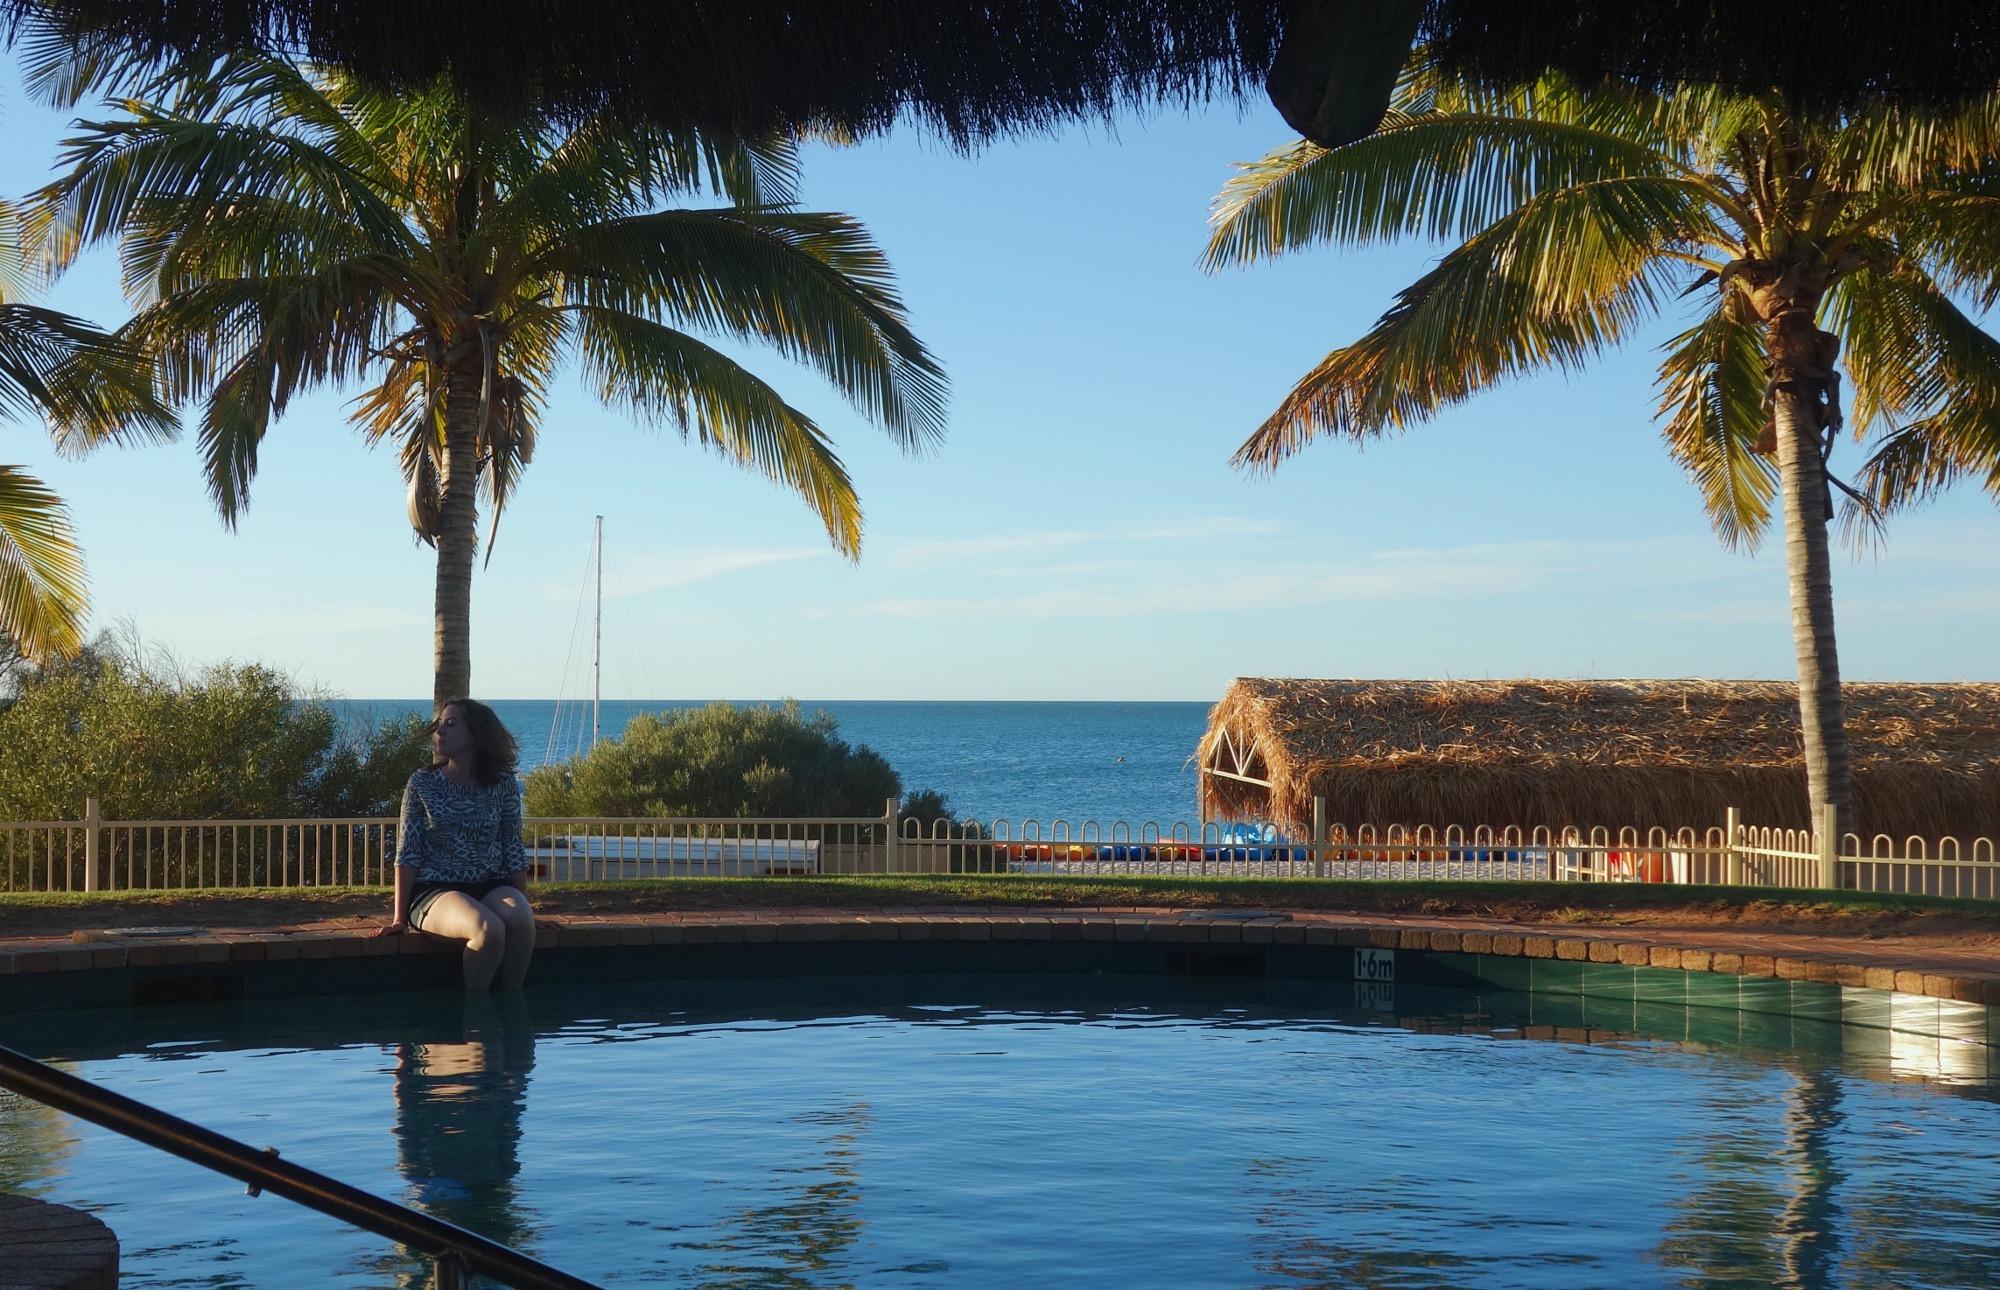 Voyages-et-compagnie.com - Blog voyage | Monkey Mia, Australie